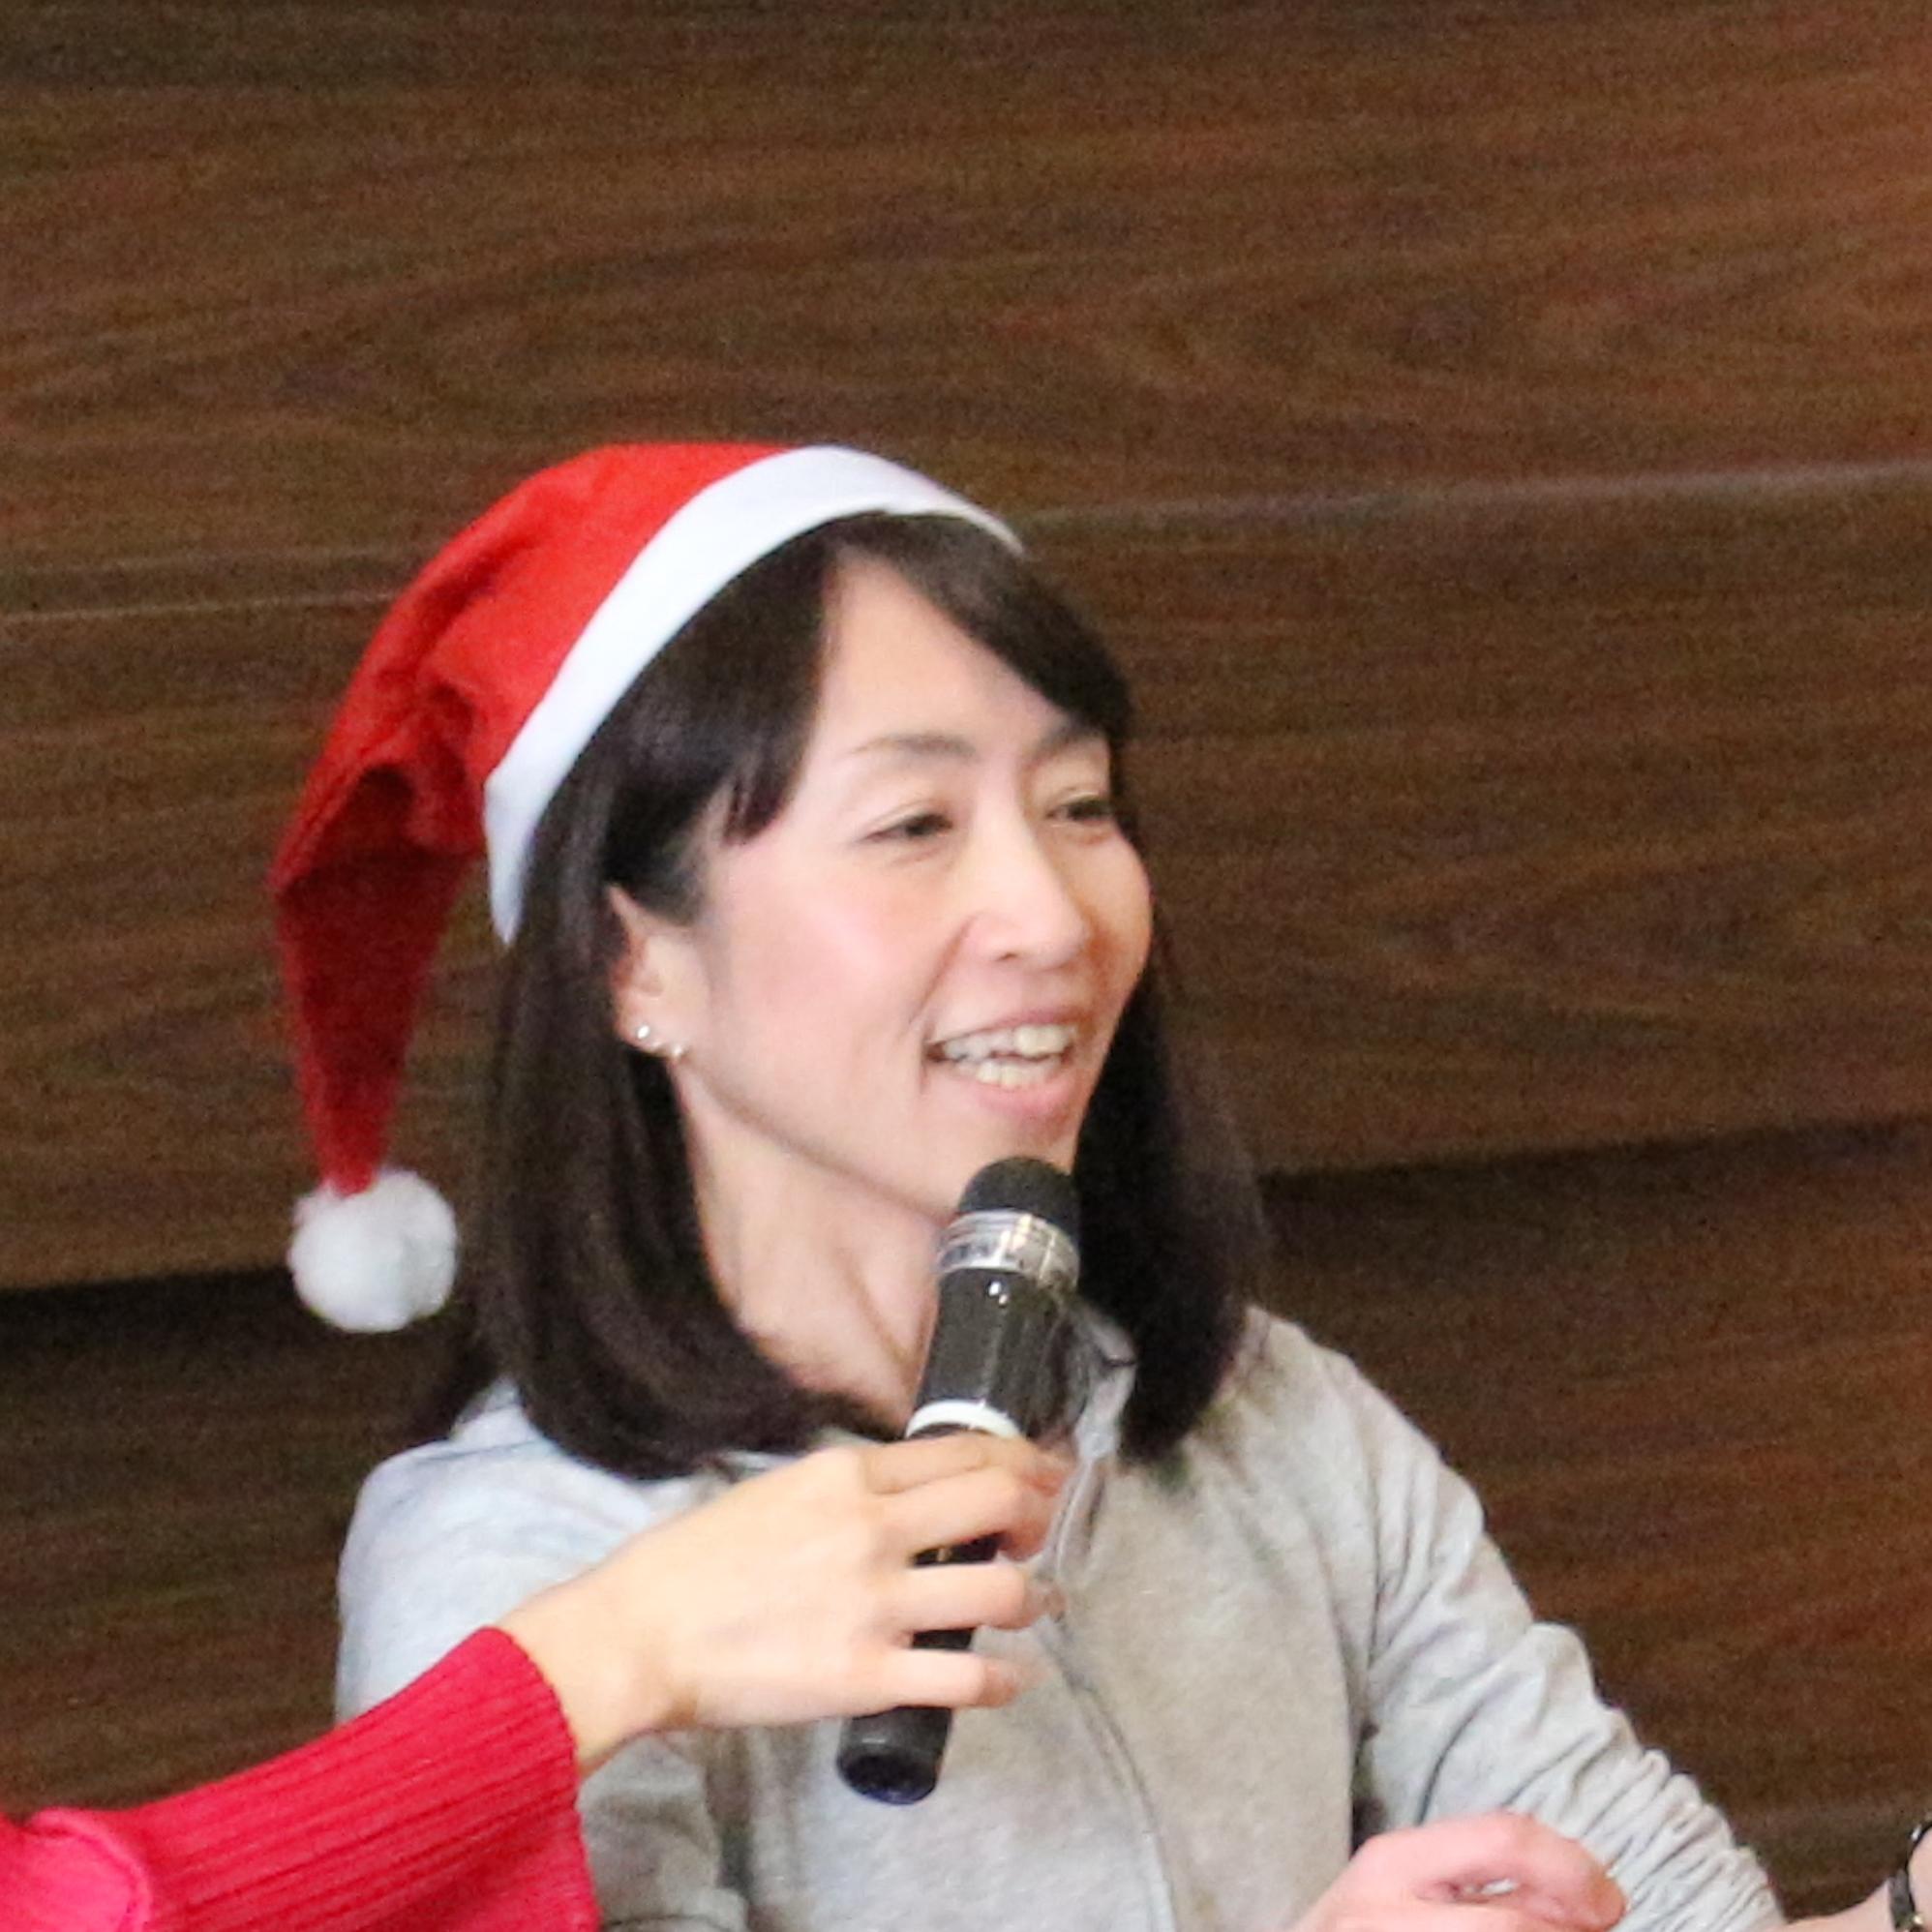 Yuka Yuhara